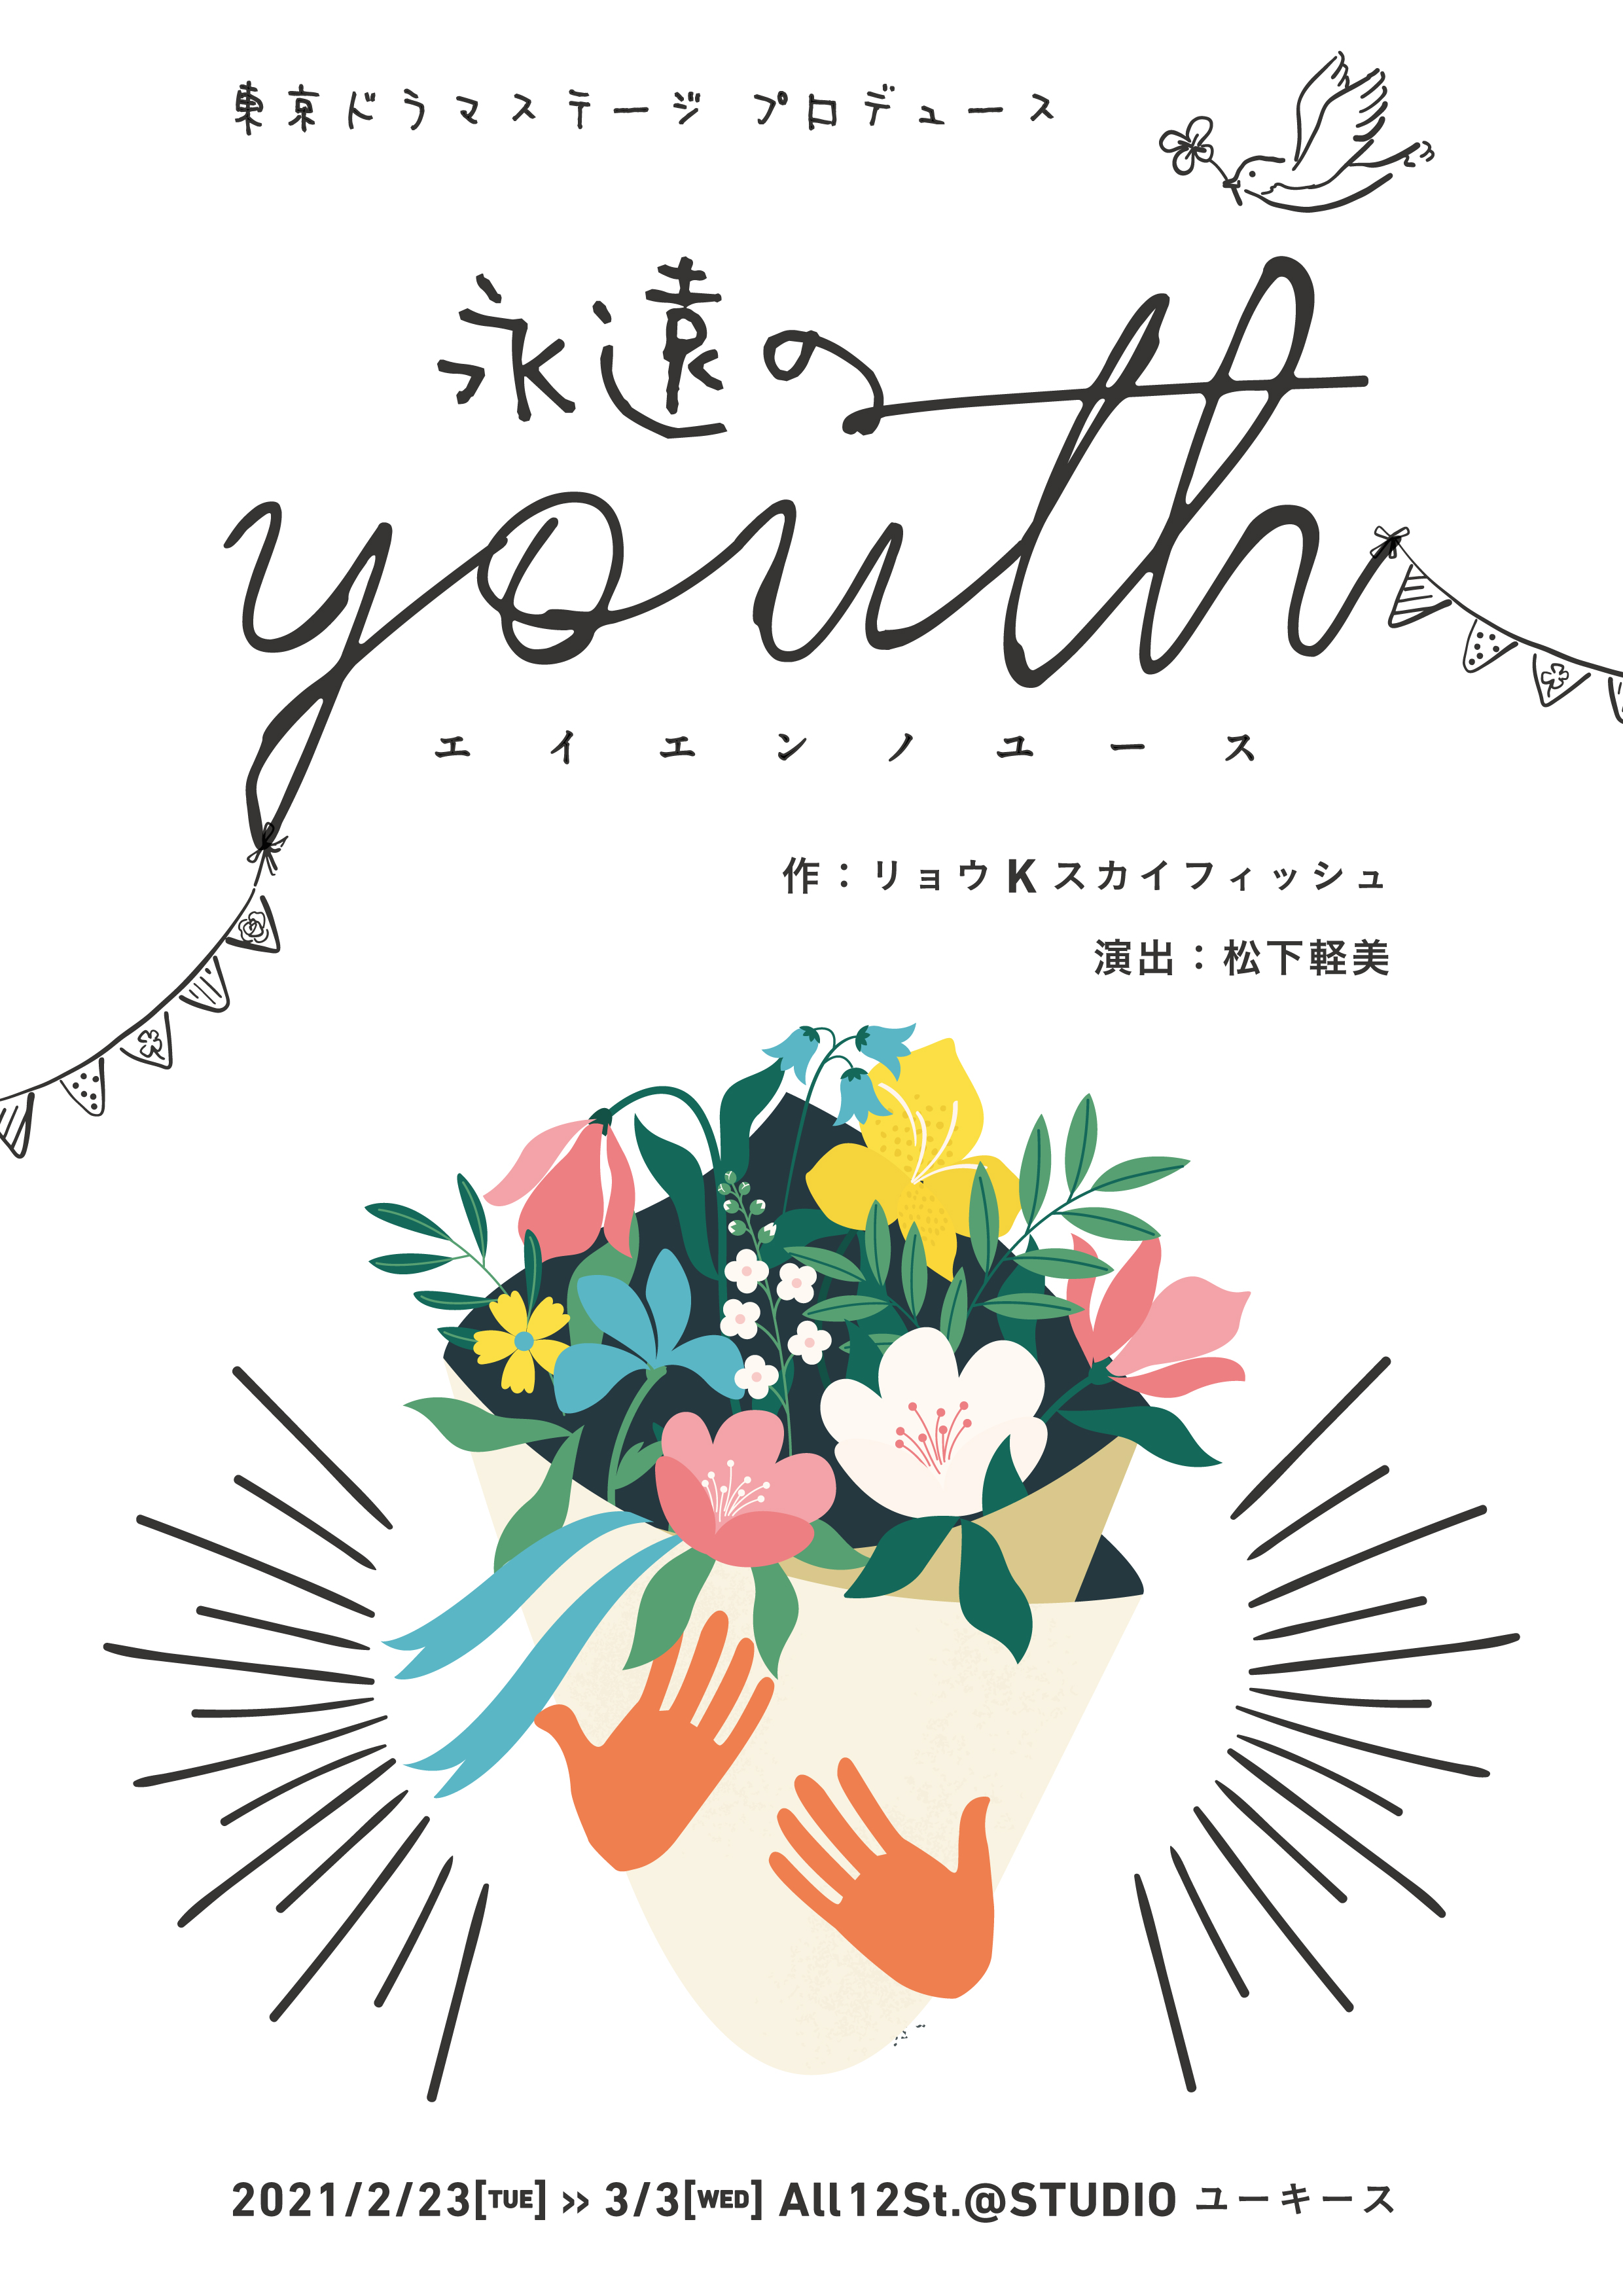 東京ドラマステージ プロデュース公演『永遠のyouth』